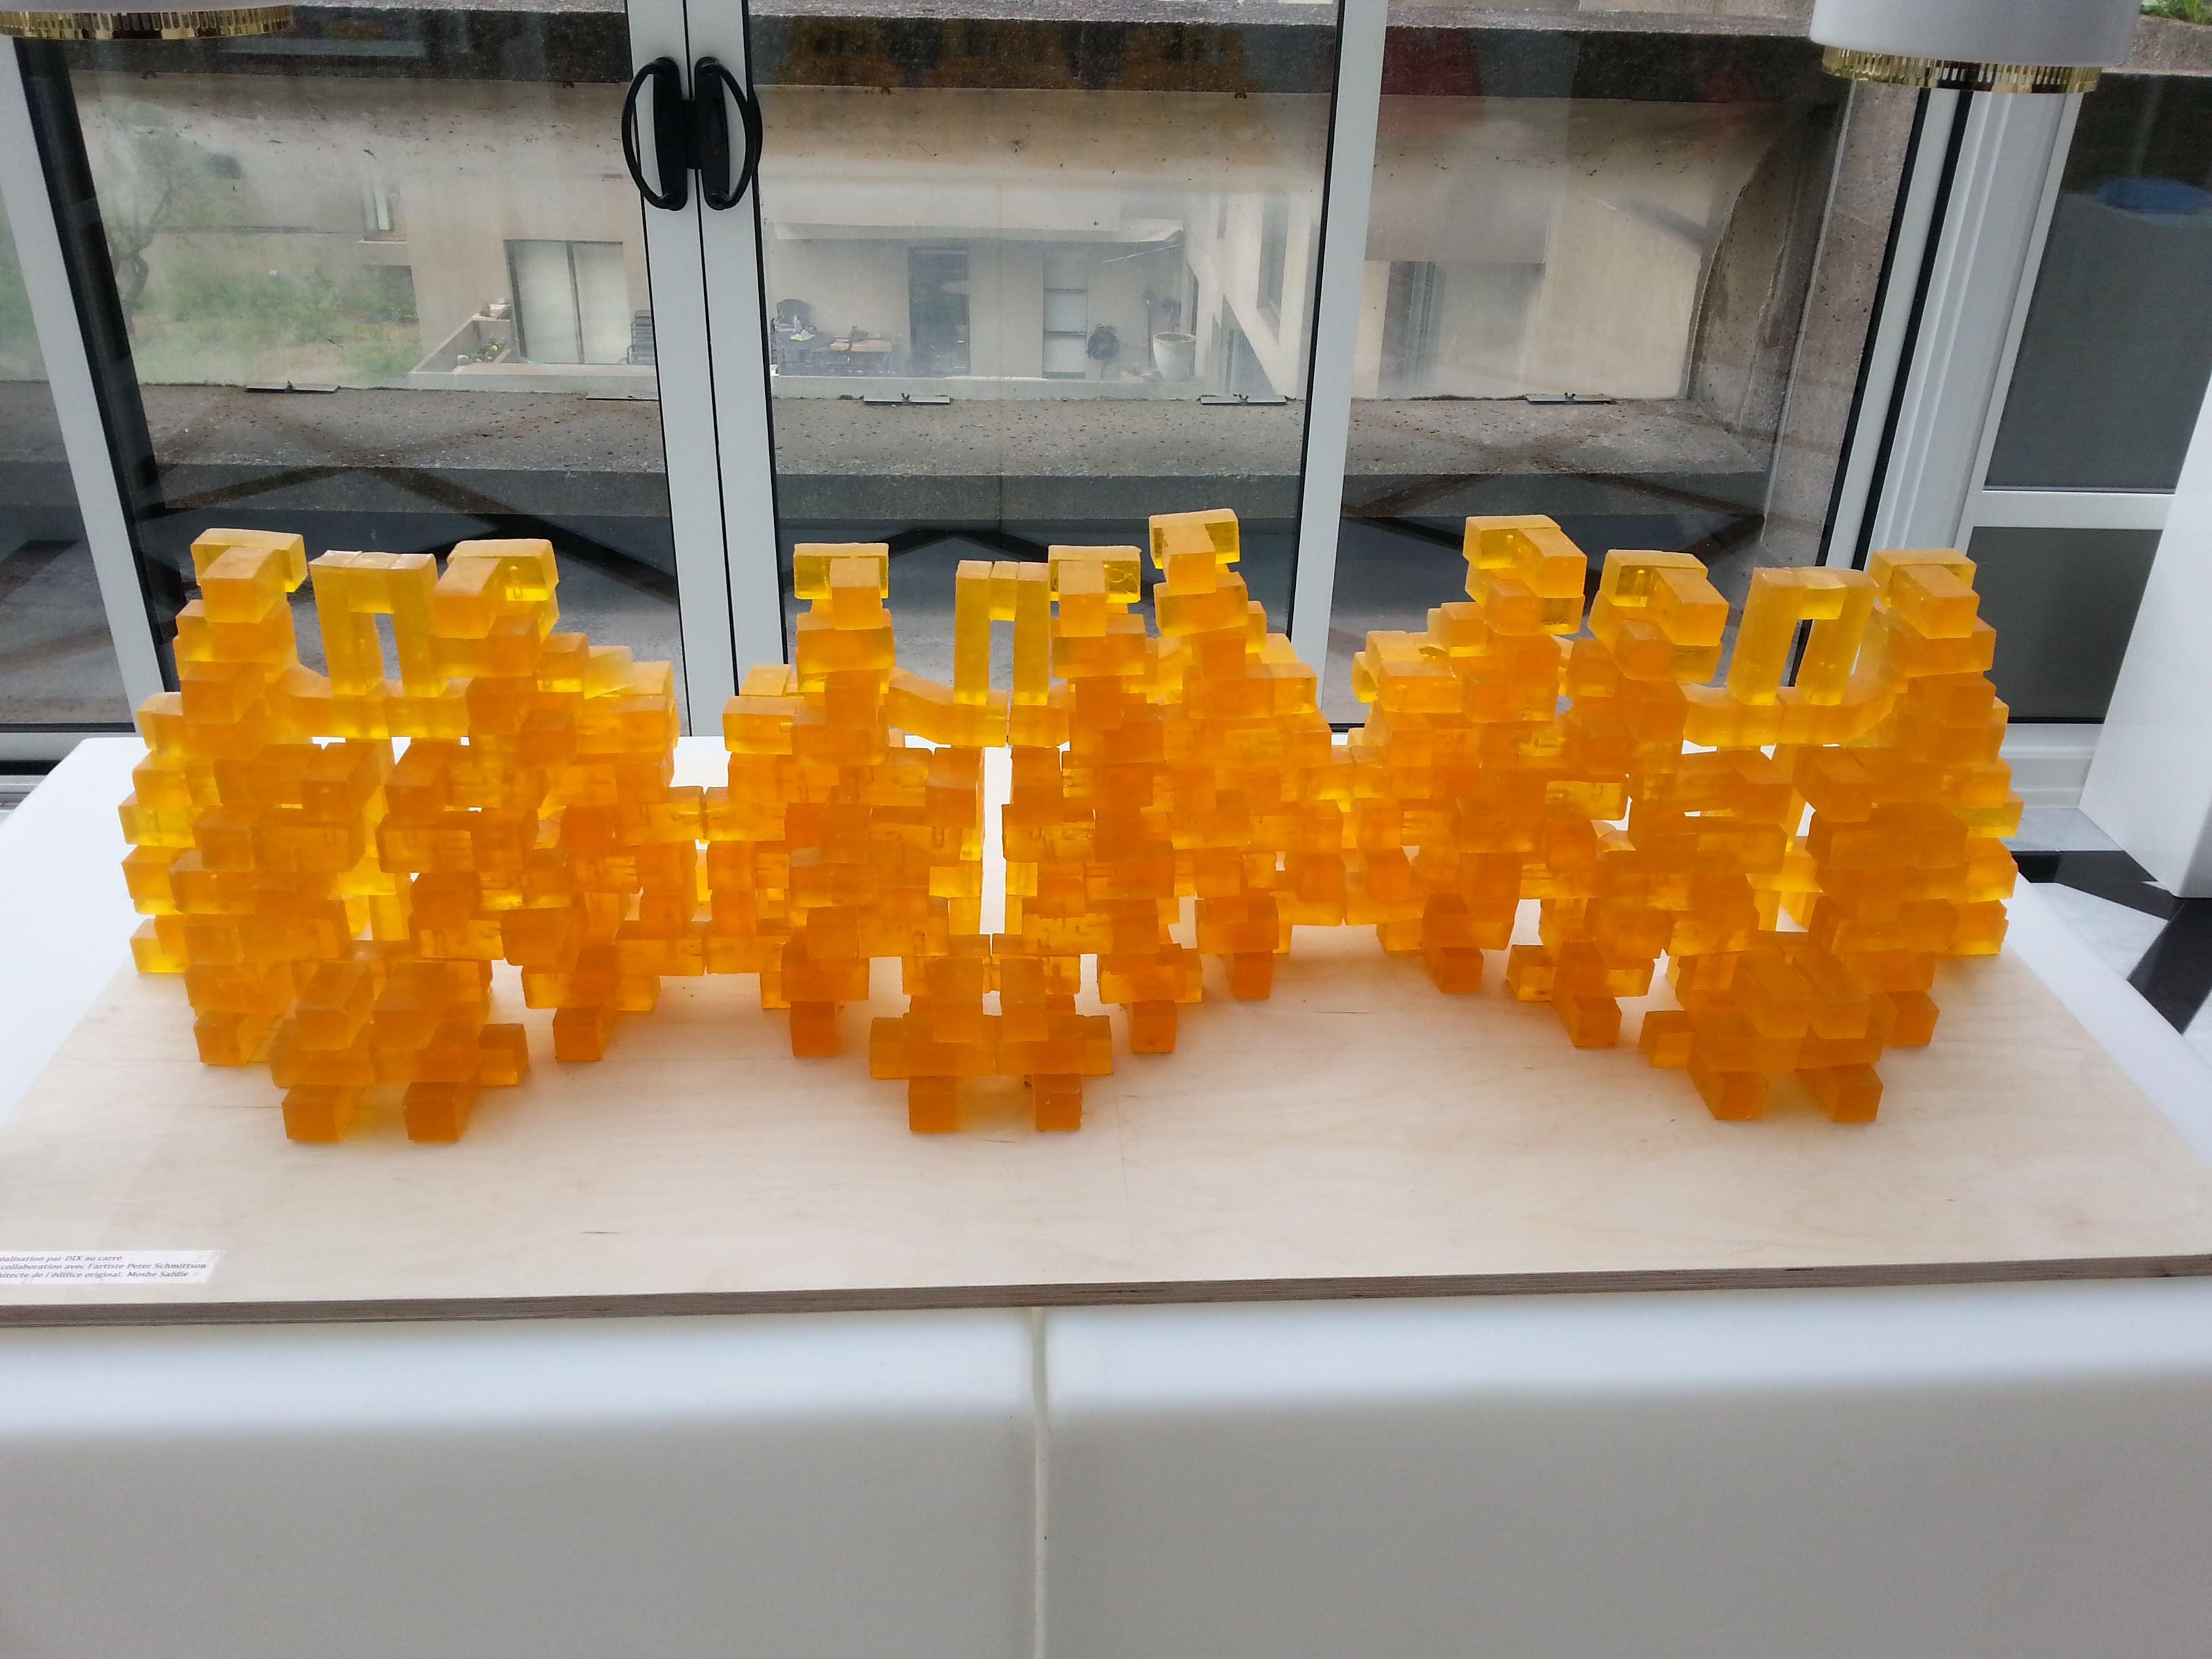 Neutrogena et sa sculpture d'Habitat 67,  fait  de savons ambrés